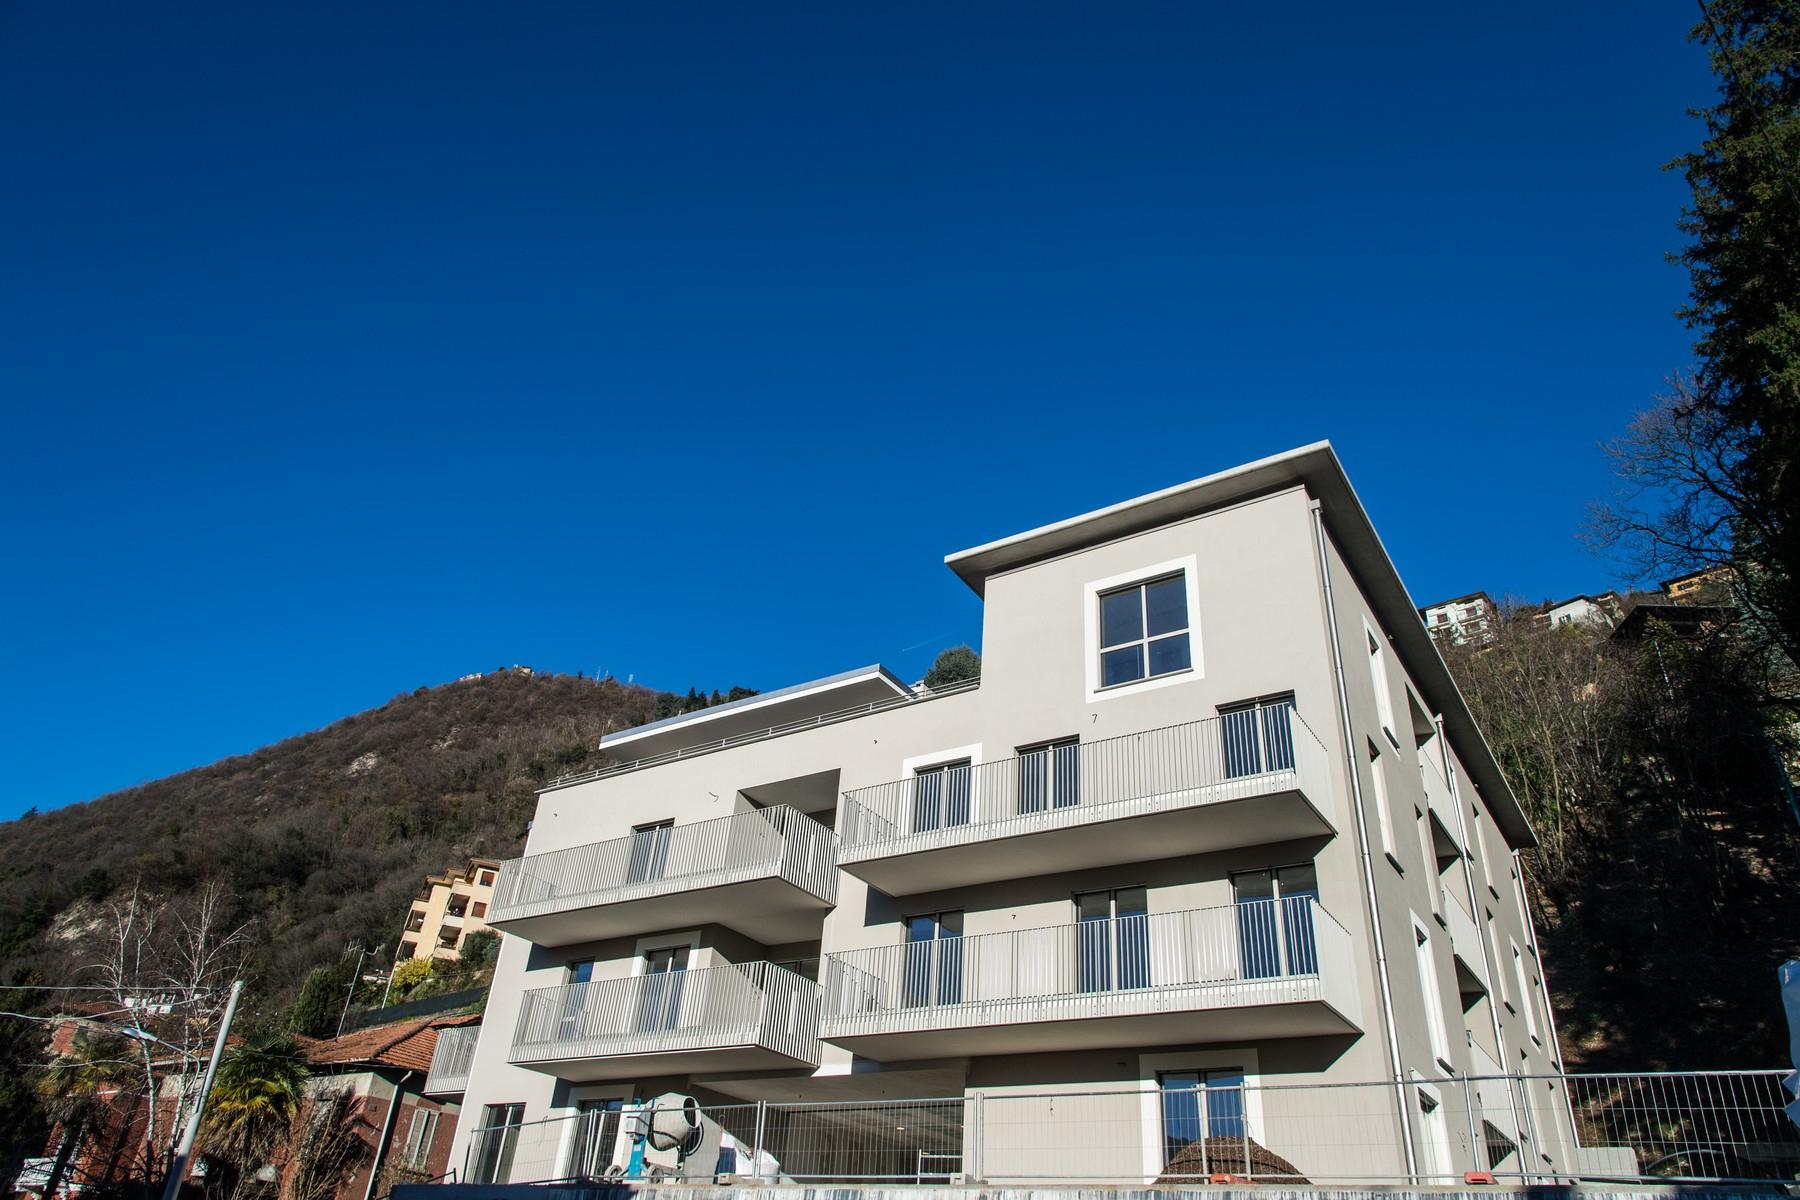 Appartamento in Vendita a Como: 5 locali, 140 mq - Foto 1